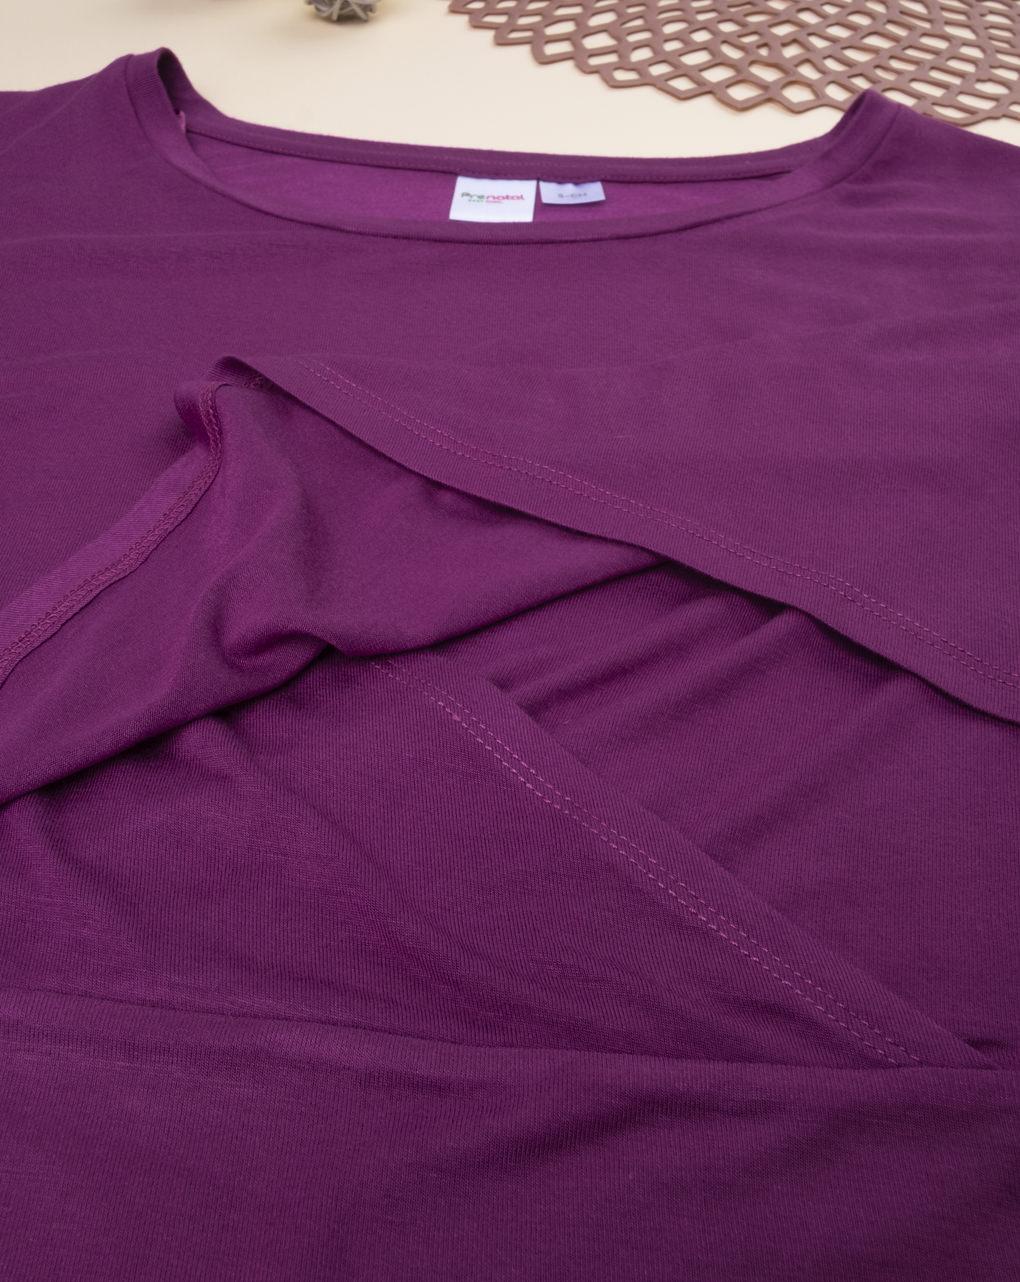 T-shirt allattamento ciclamino - Prénatal